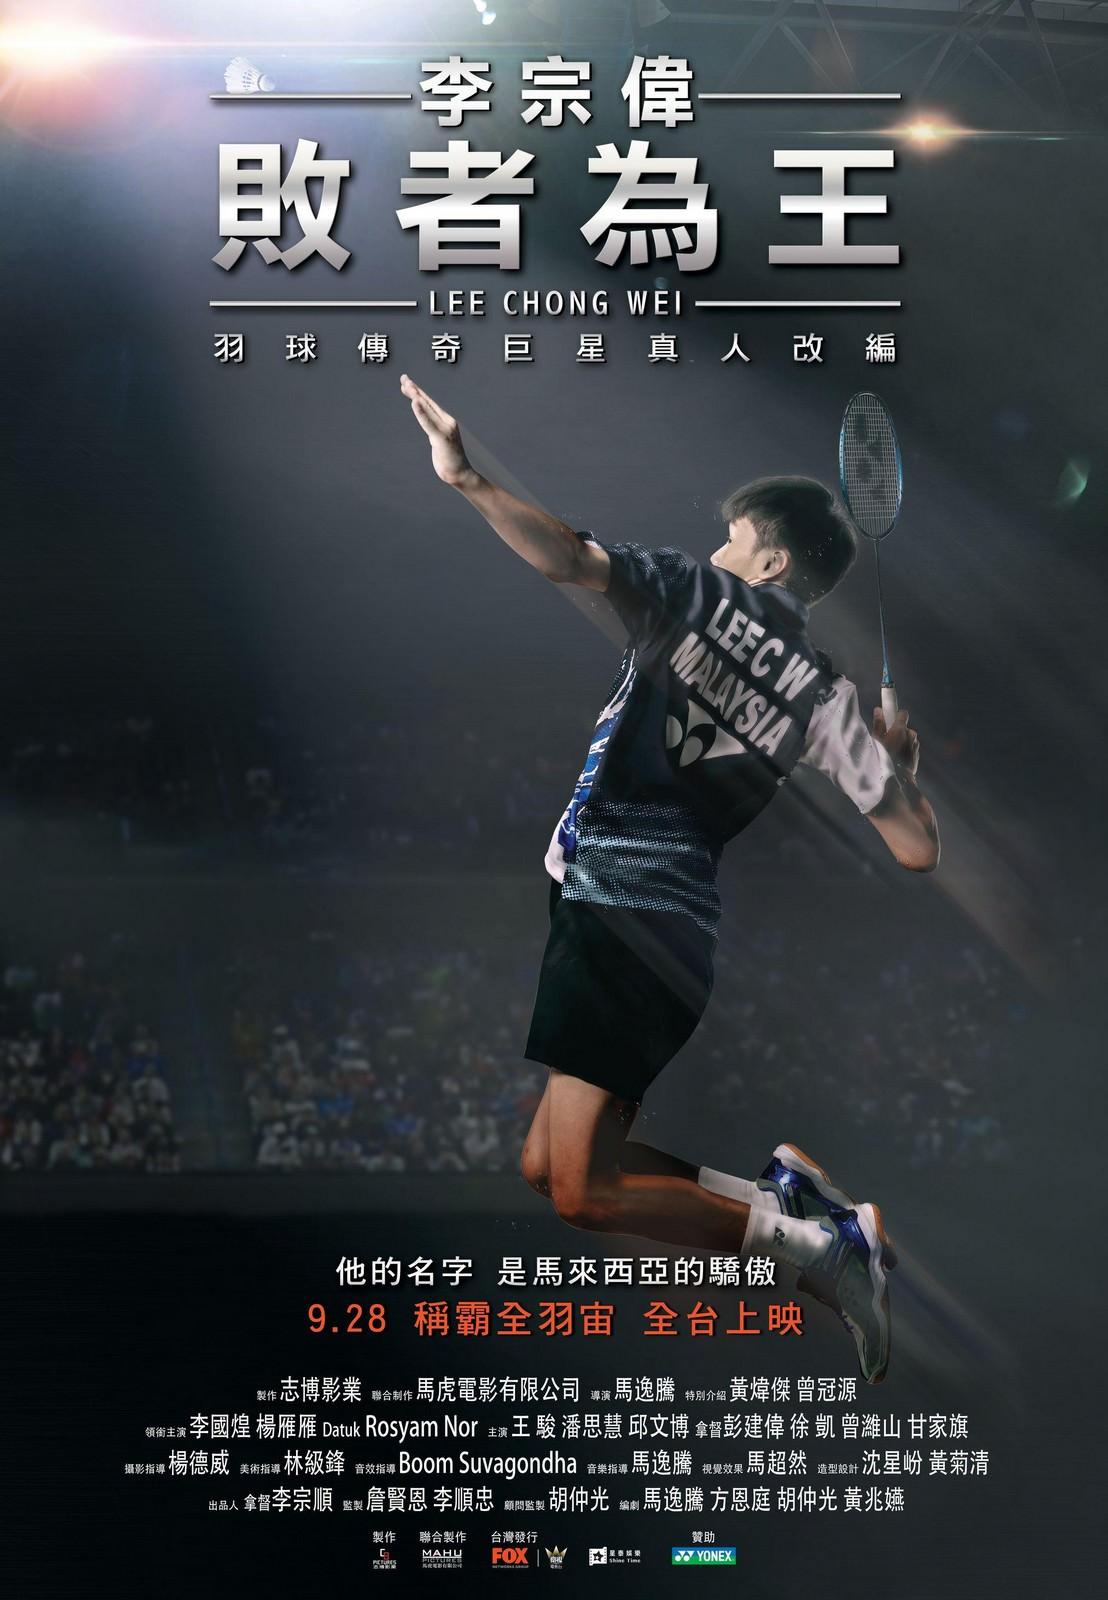 Movie, Lee Chong Wei: Rise of the Legend(馬來西亞, 2018) / 李宗偉:敗者為王(台) / 李宗伟:败者为王(中), 電影海報, 台灣